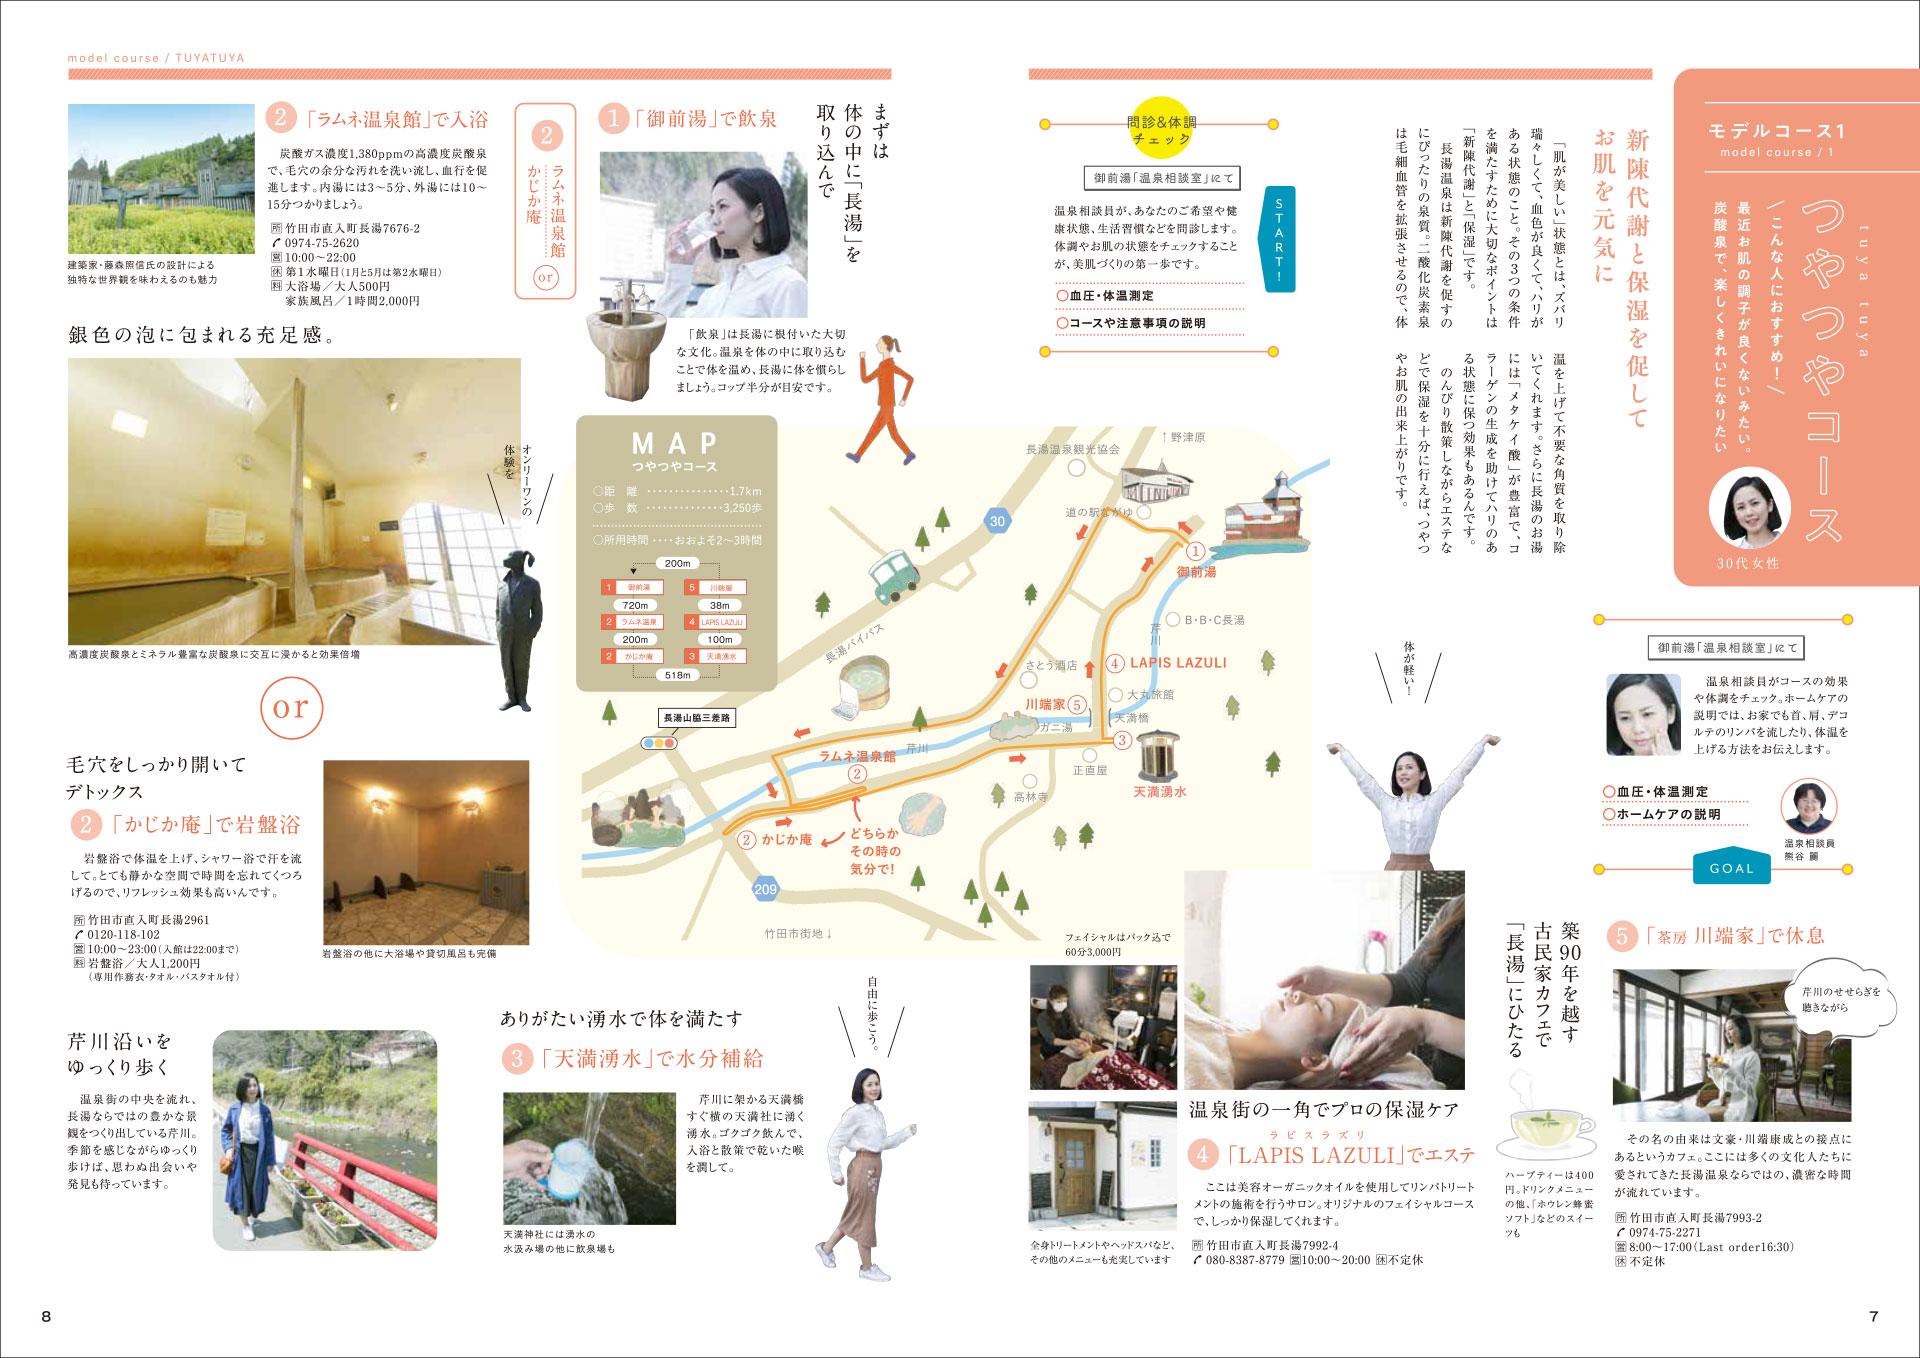 長湯温泉炭酸泉健康増進プログラム 詳細 パンフレット5